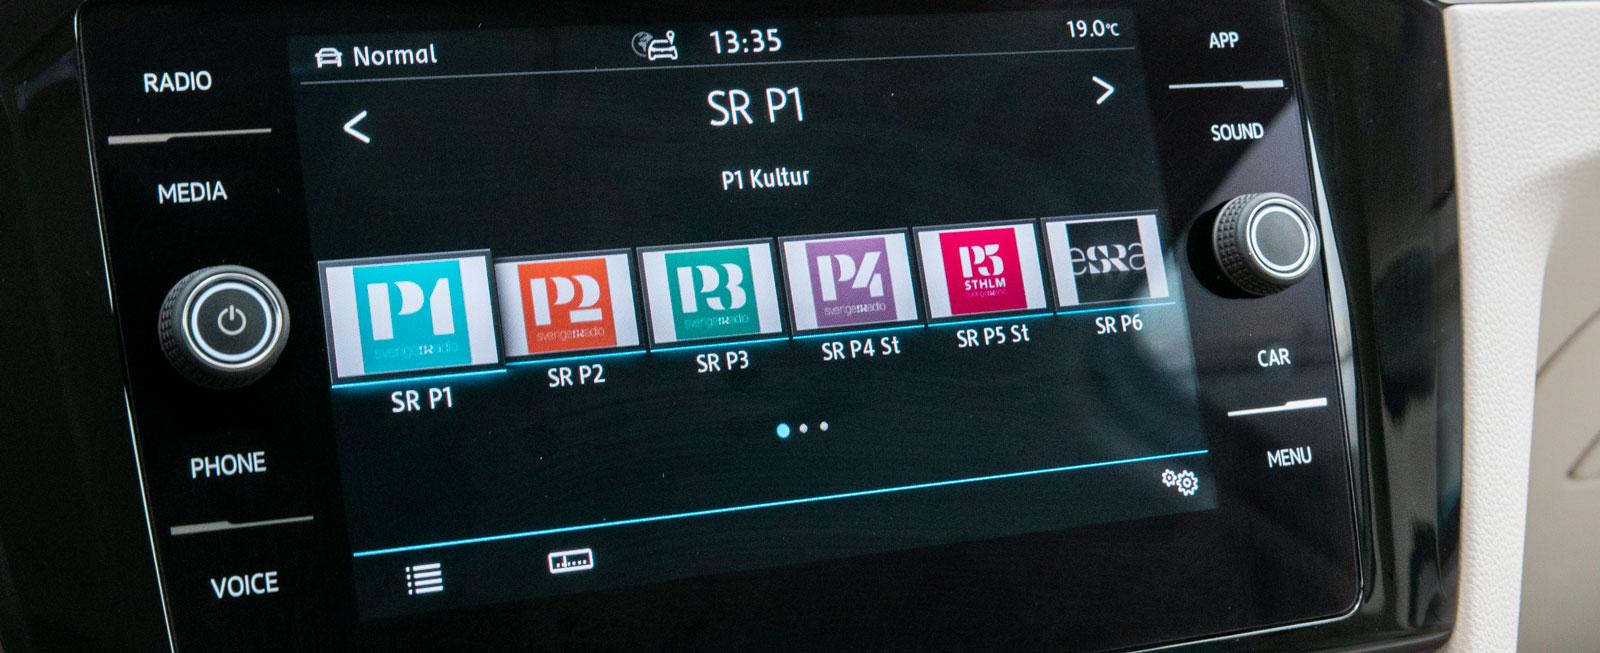 VW:s senaste version av Discover Pro är genomtänkt, mycket innehållsrik, lättskött, snabb och har riktigt tydlig grafik. Inte mycket att klaga på, helt enkelt.